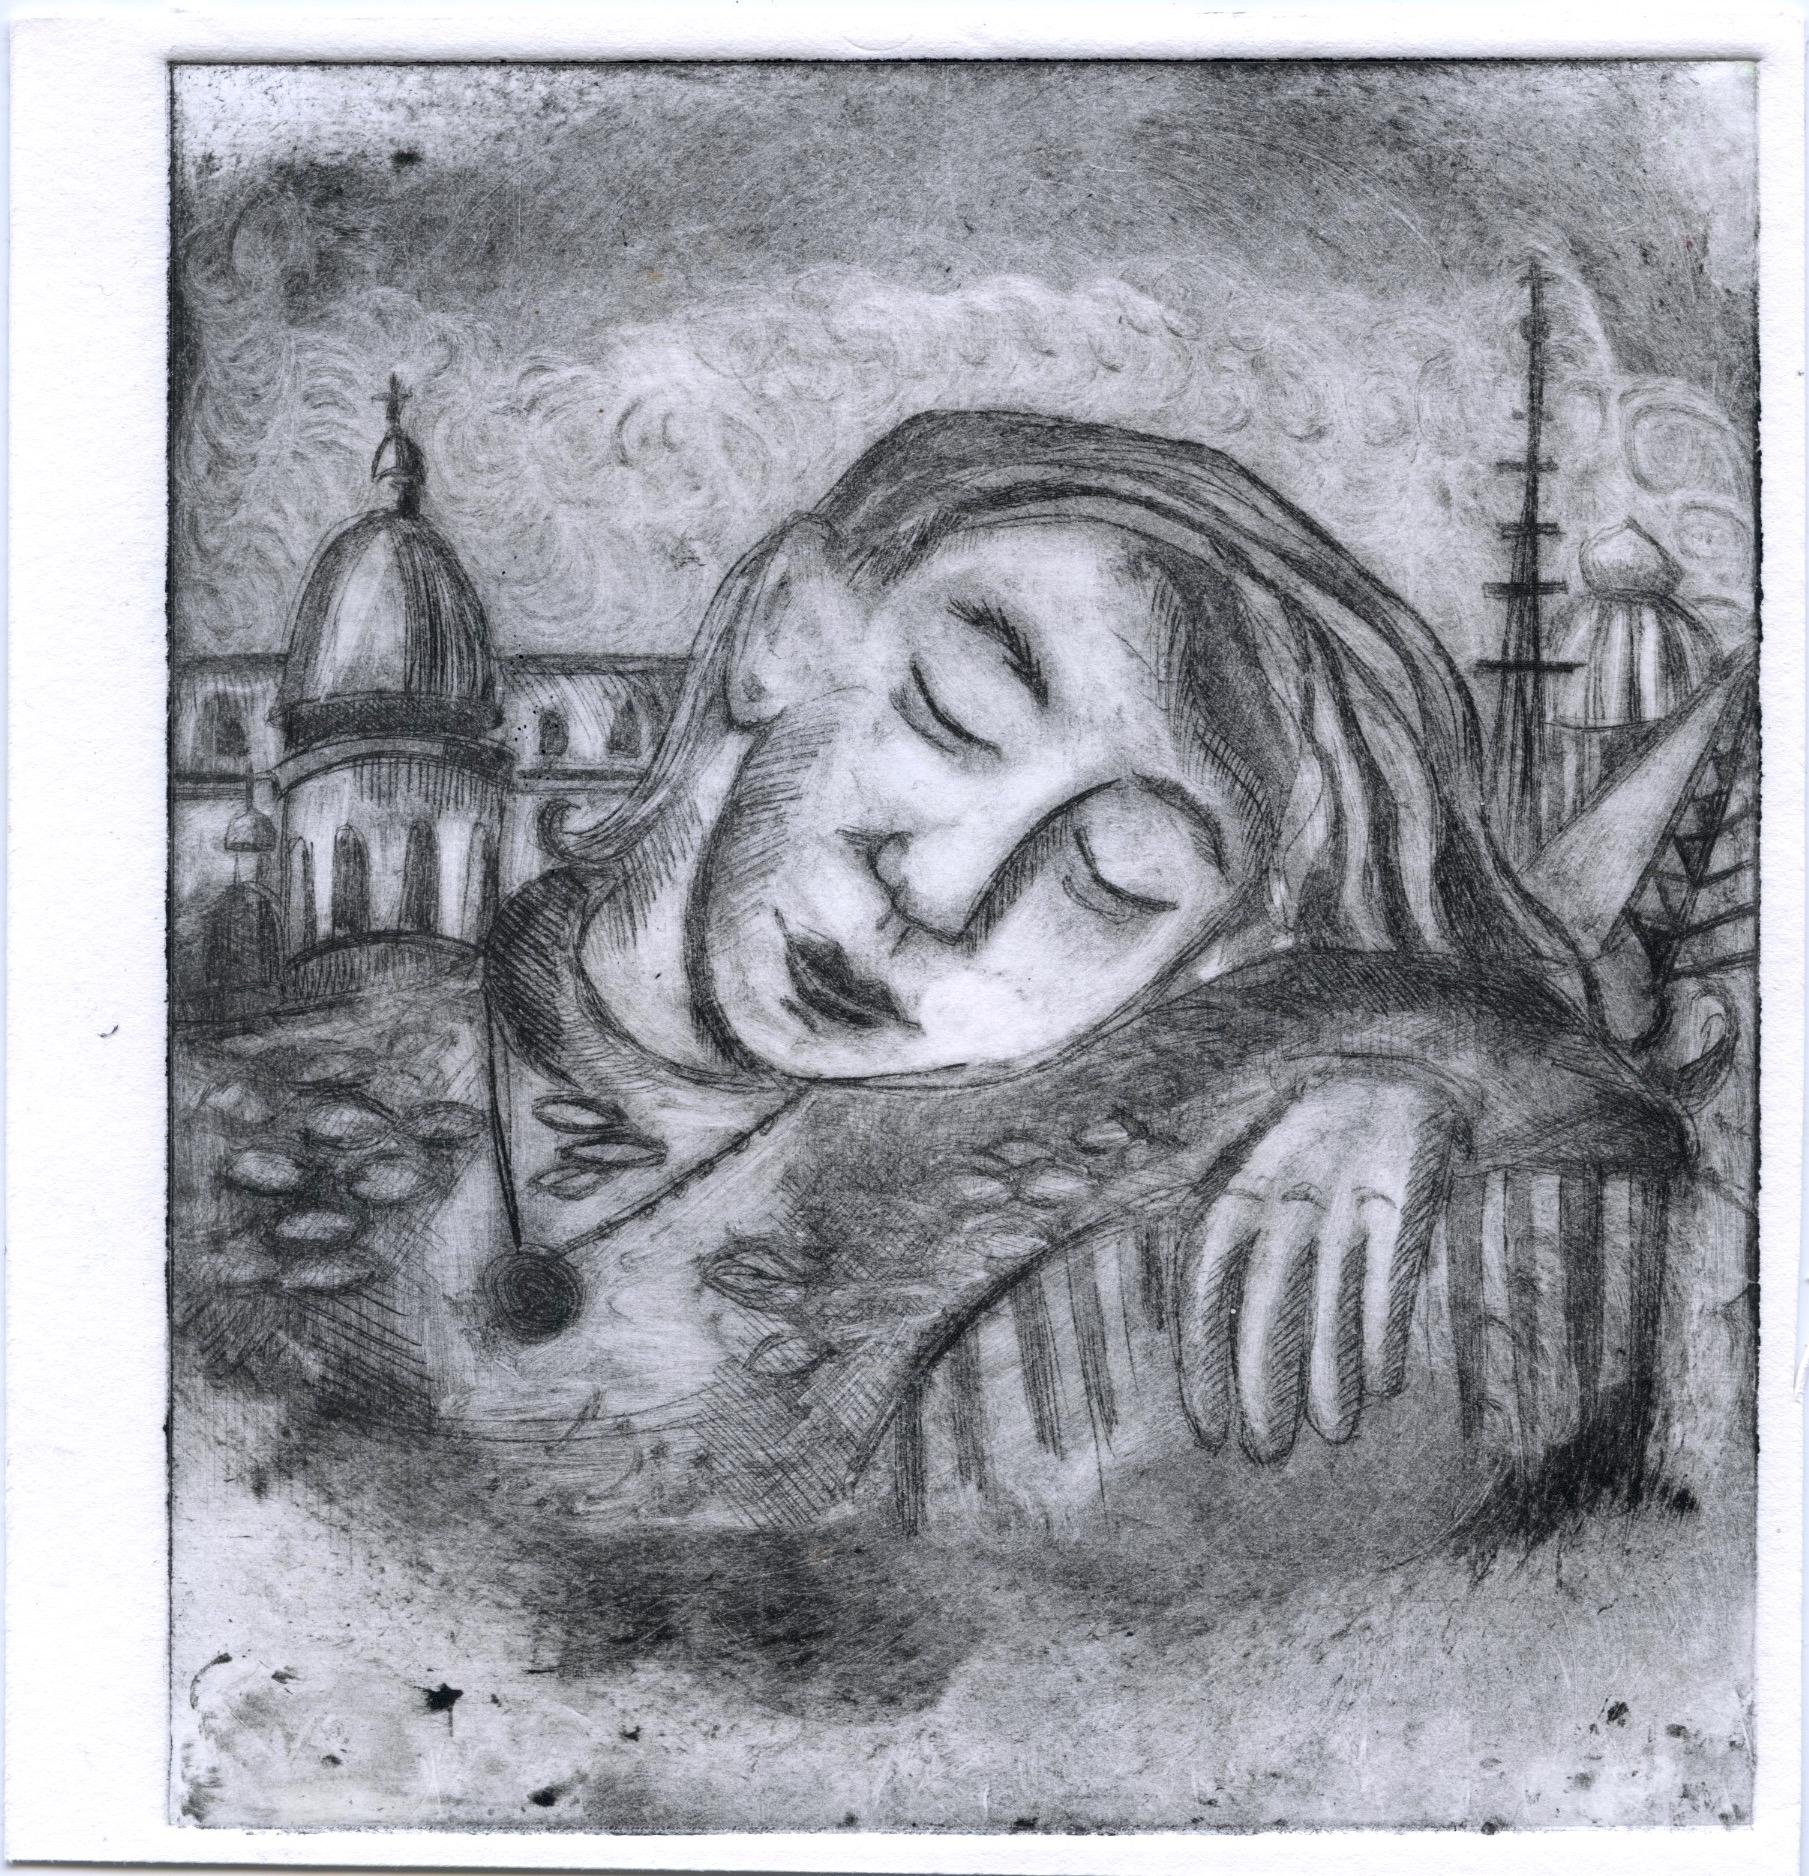 sleeping_girl2